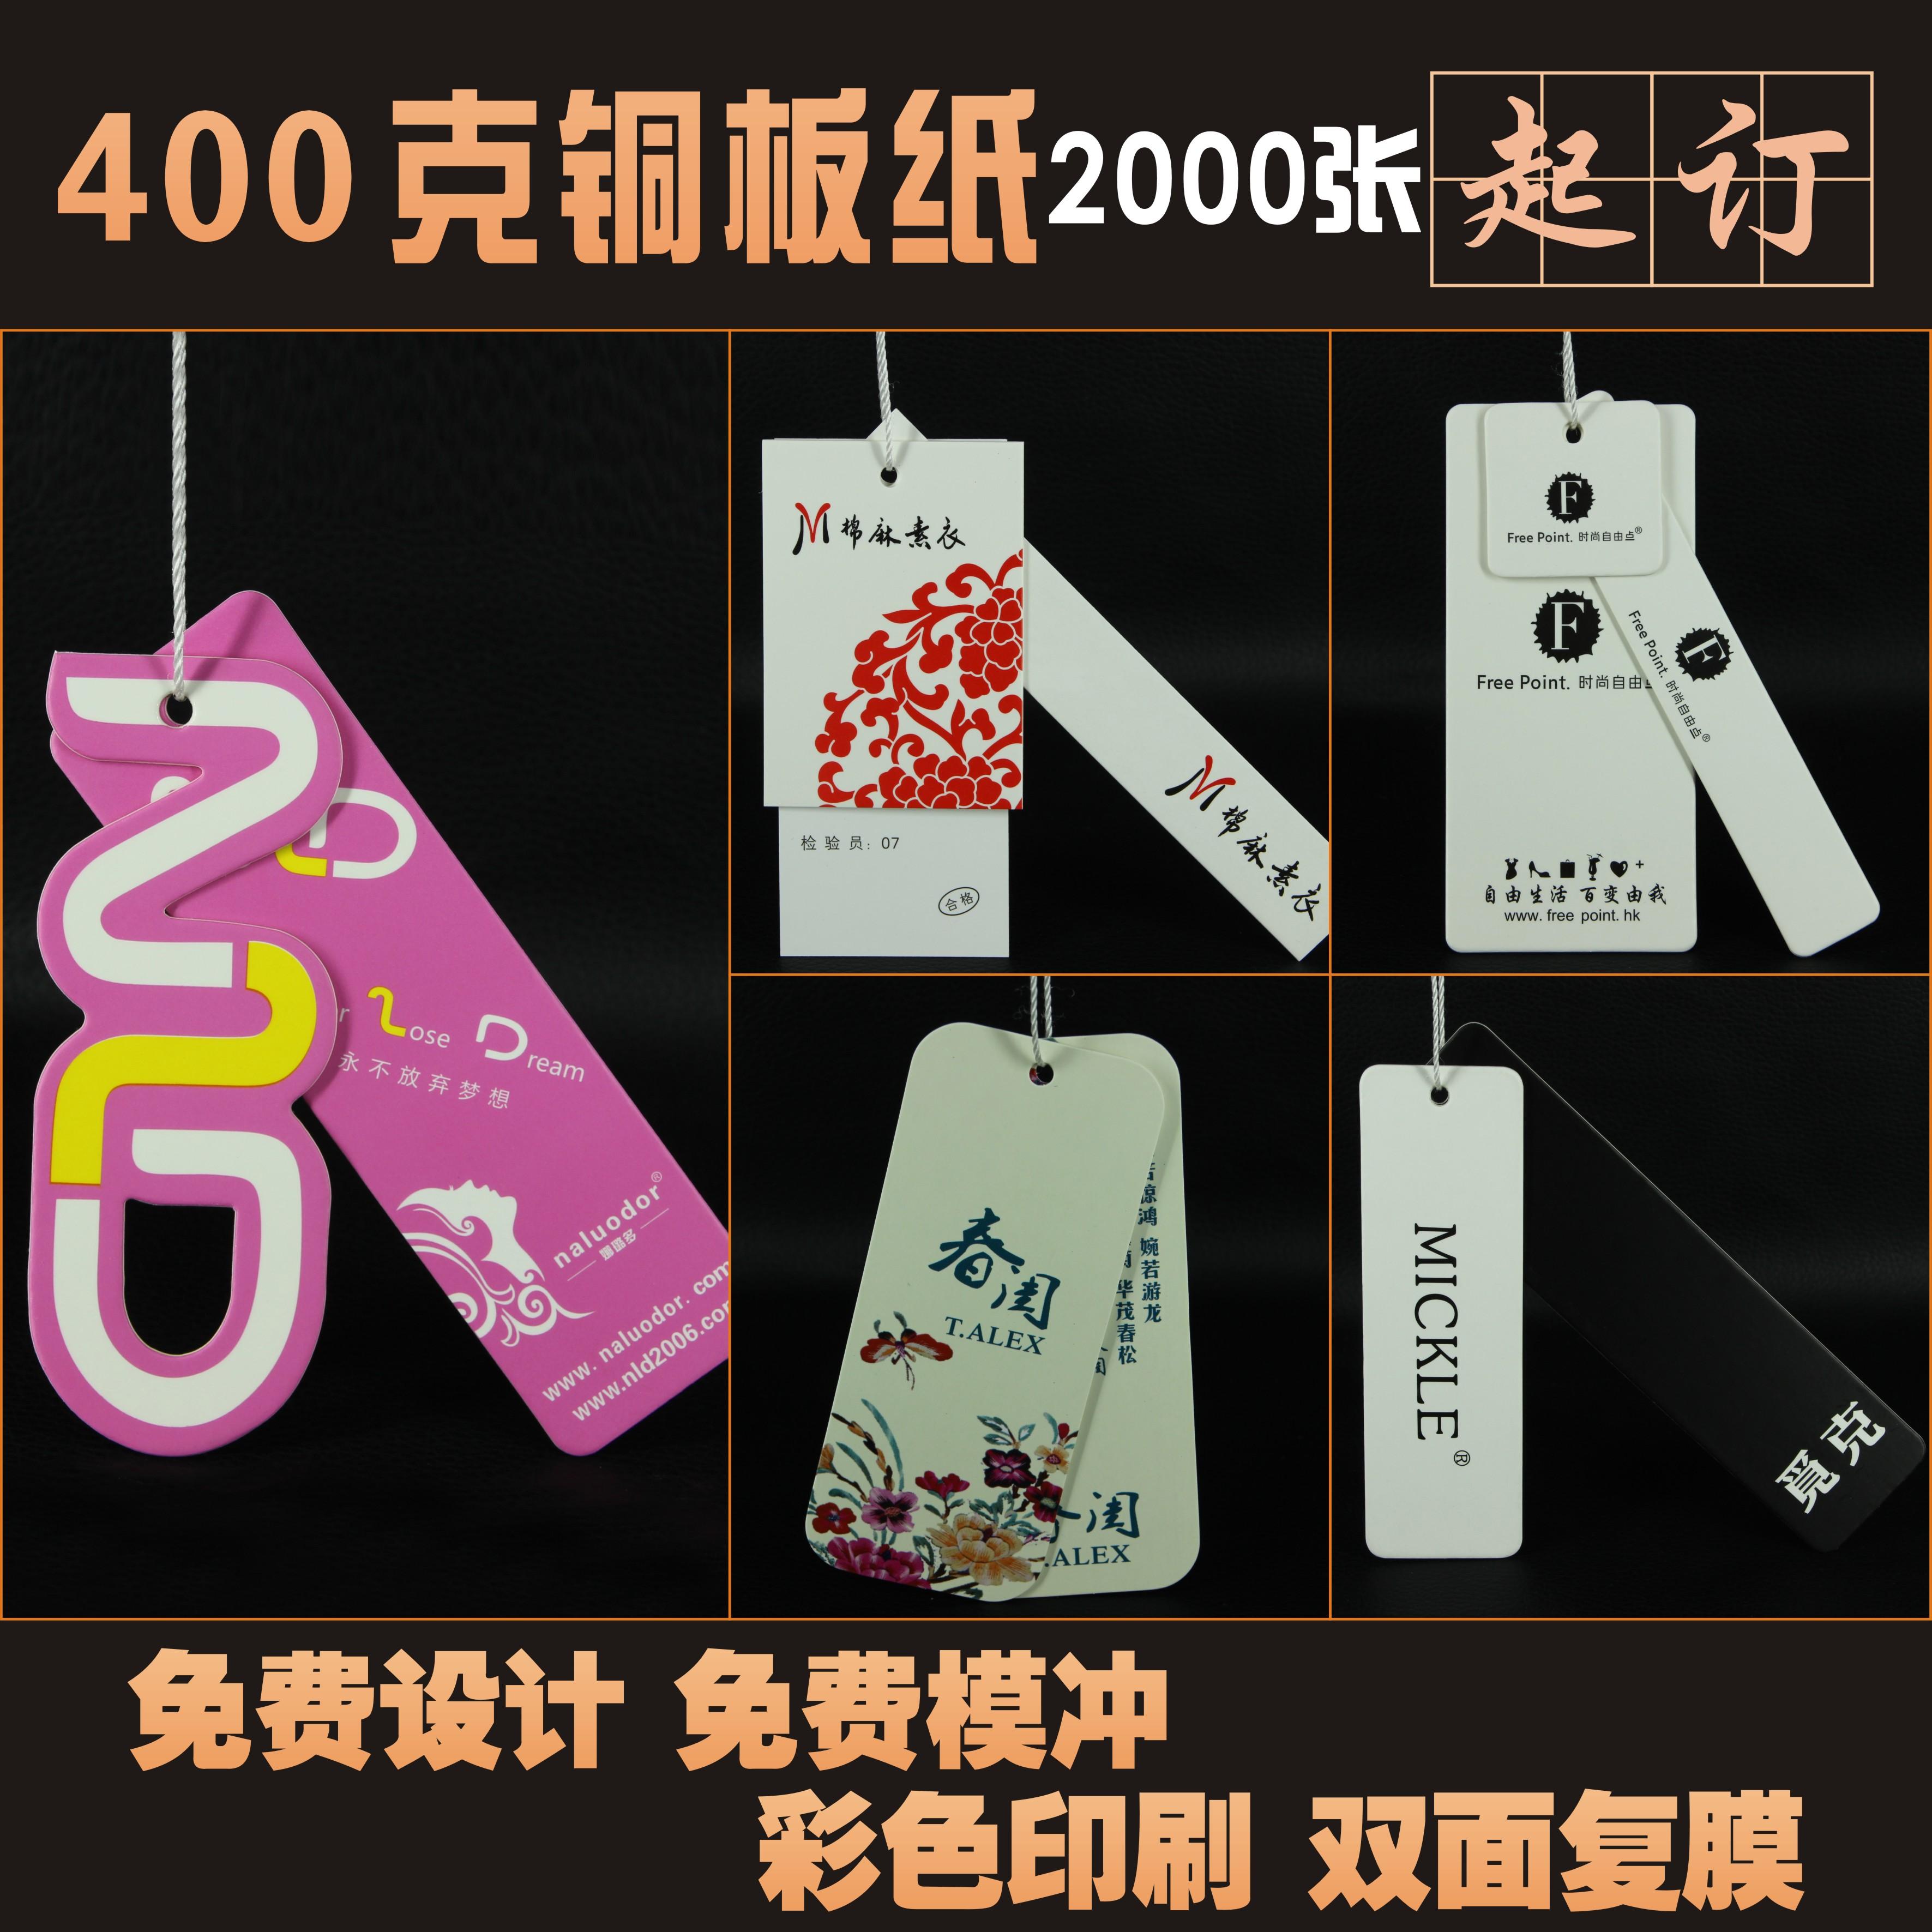 метка на заказ заказать одежду бирку производства место дизайн одежды женская белье корейский сумки полноценный метка